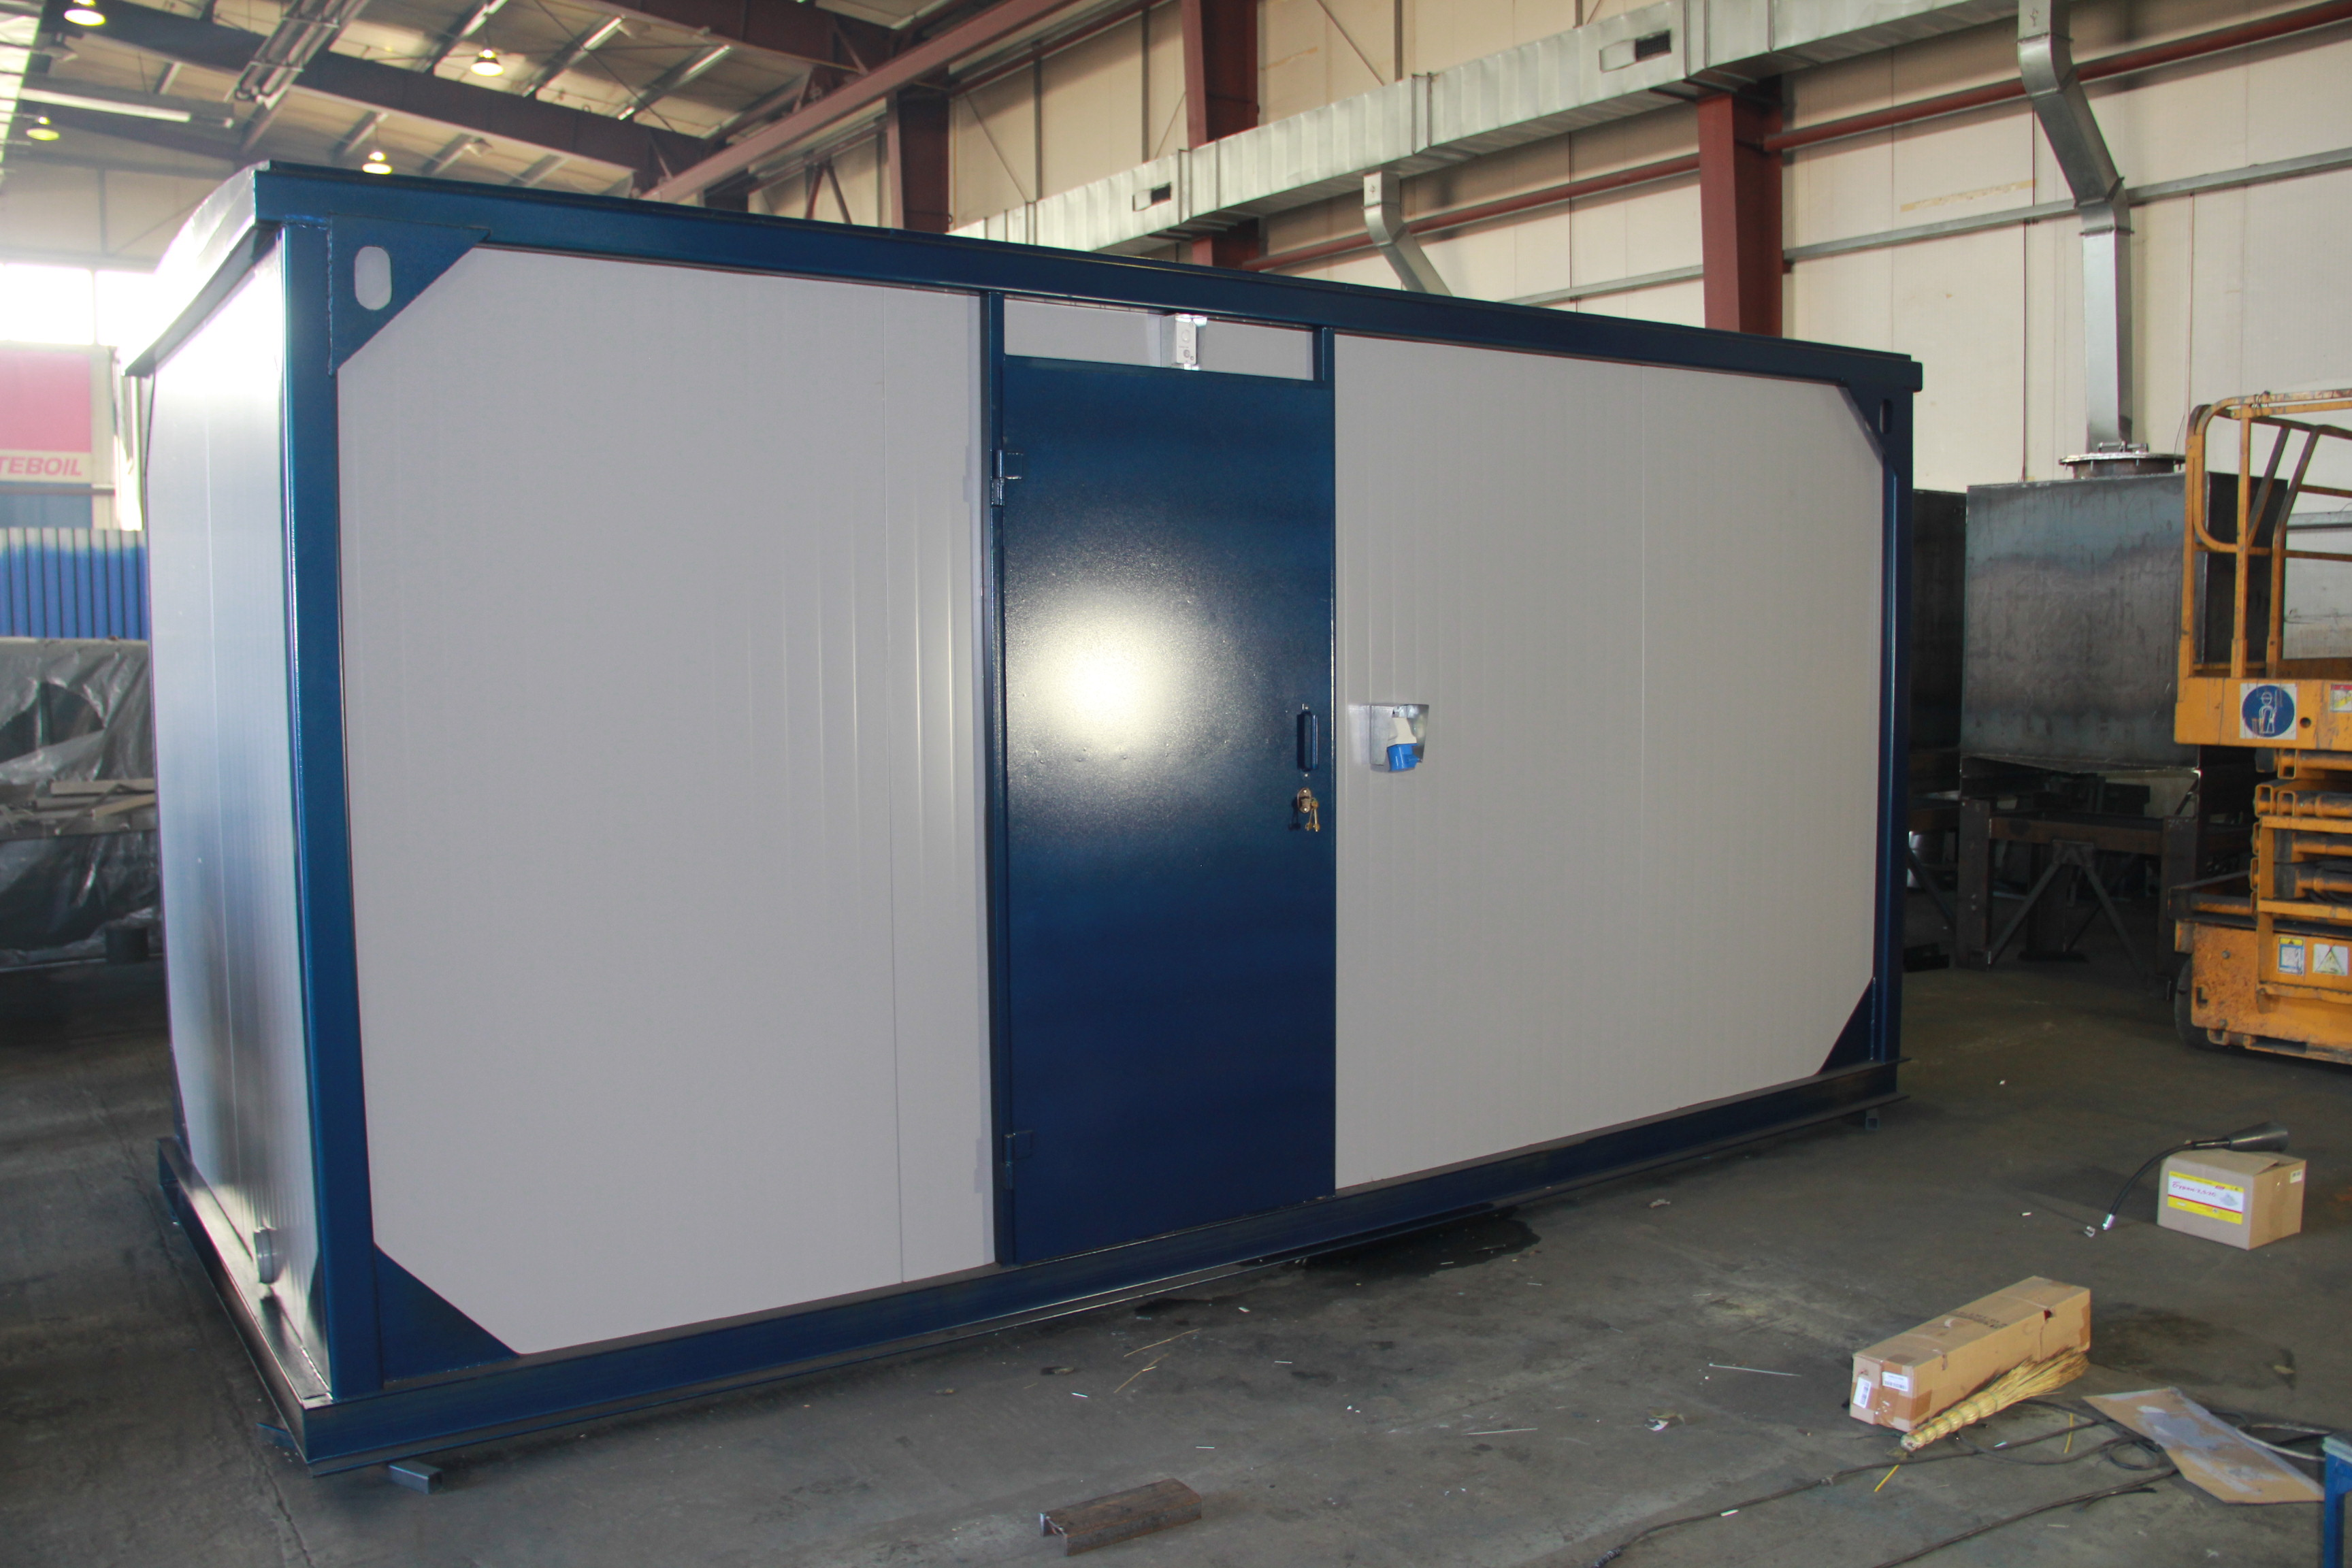 Внешний вид IVECO АД-500С-Т400-1РНИ в контейнере